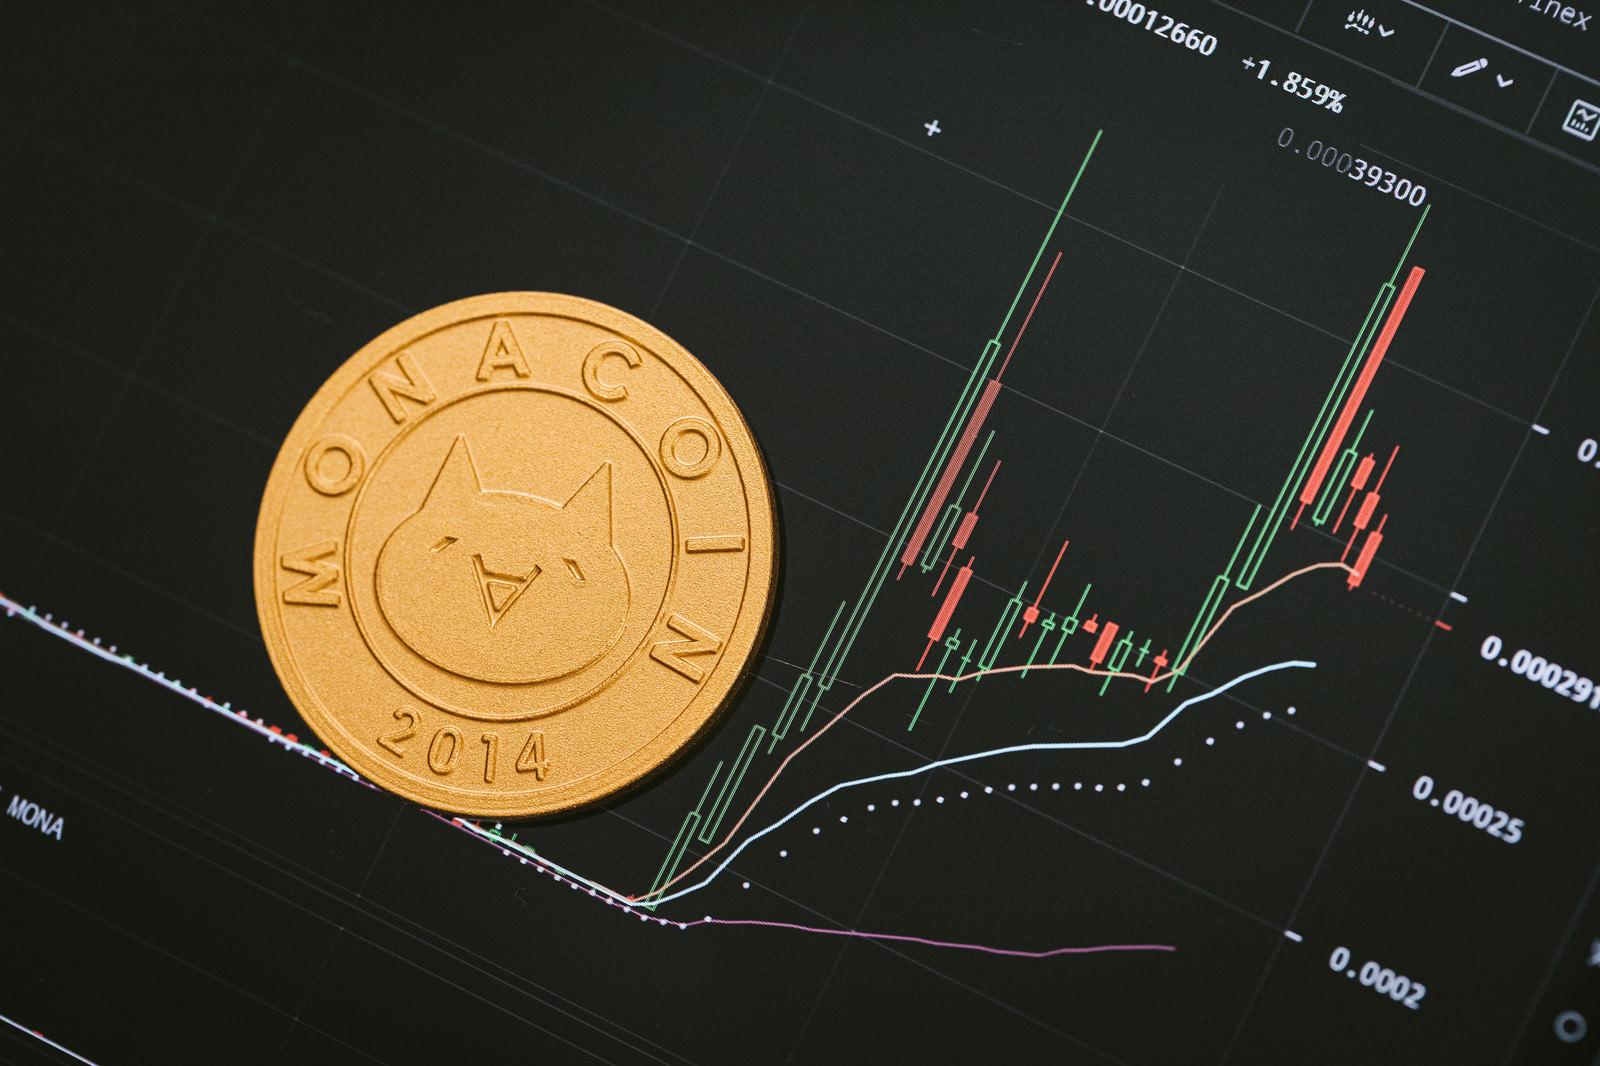 「高騰するモナコイン」の写真